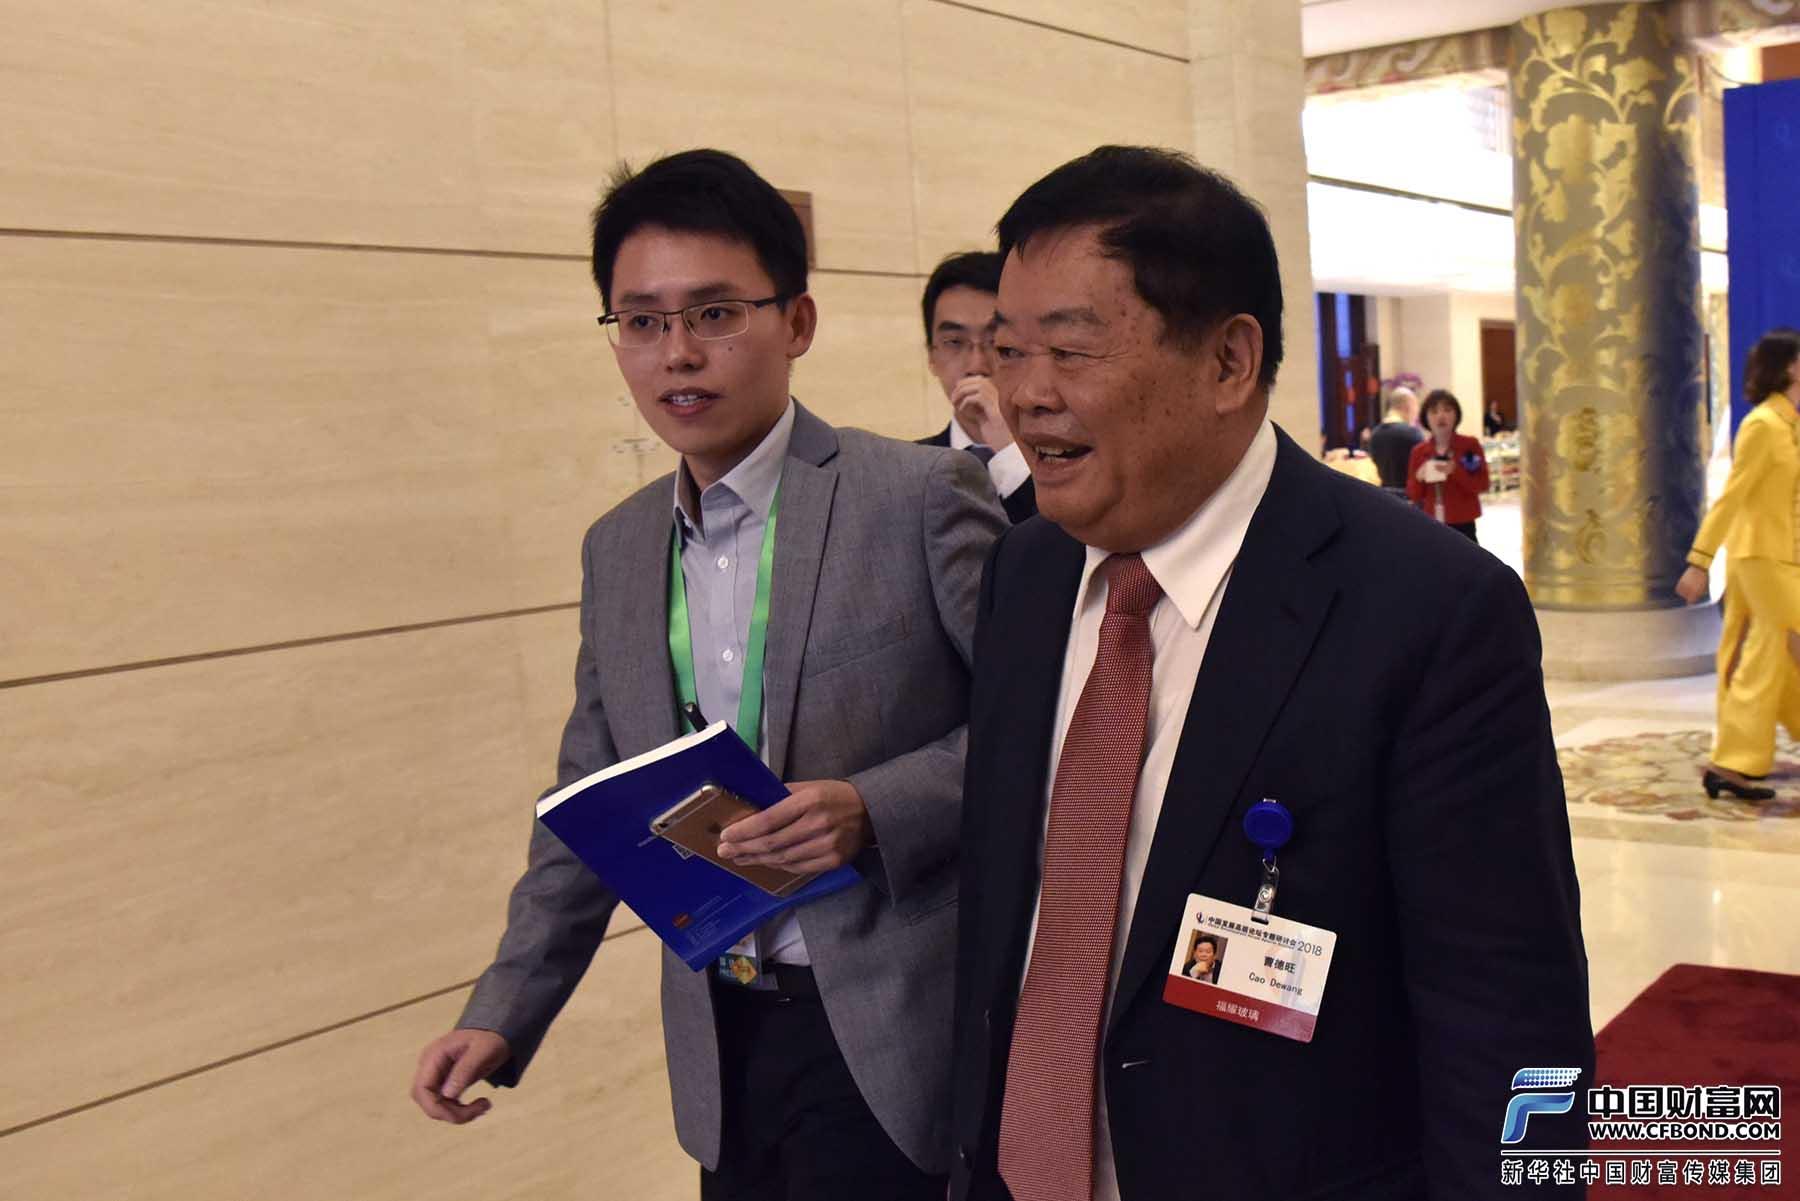 中国财富网记者采访福耀玻璃集团创始人、董事长曹德旺